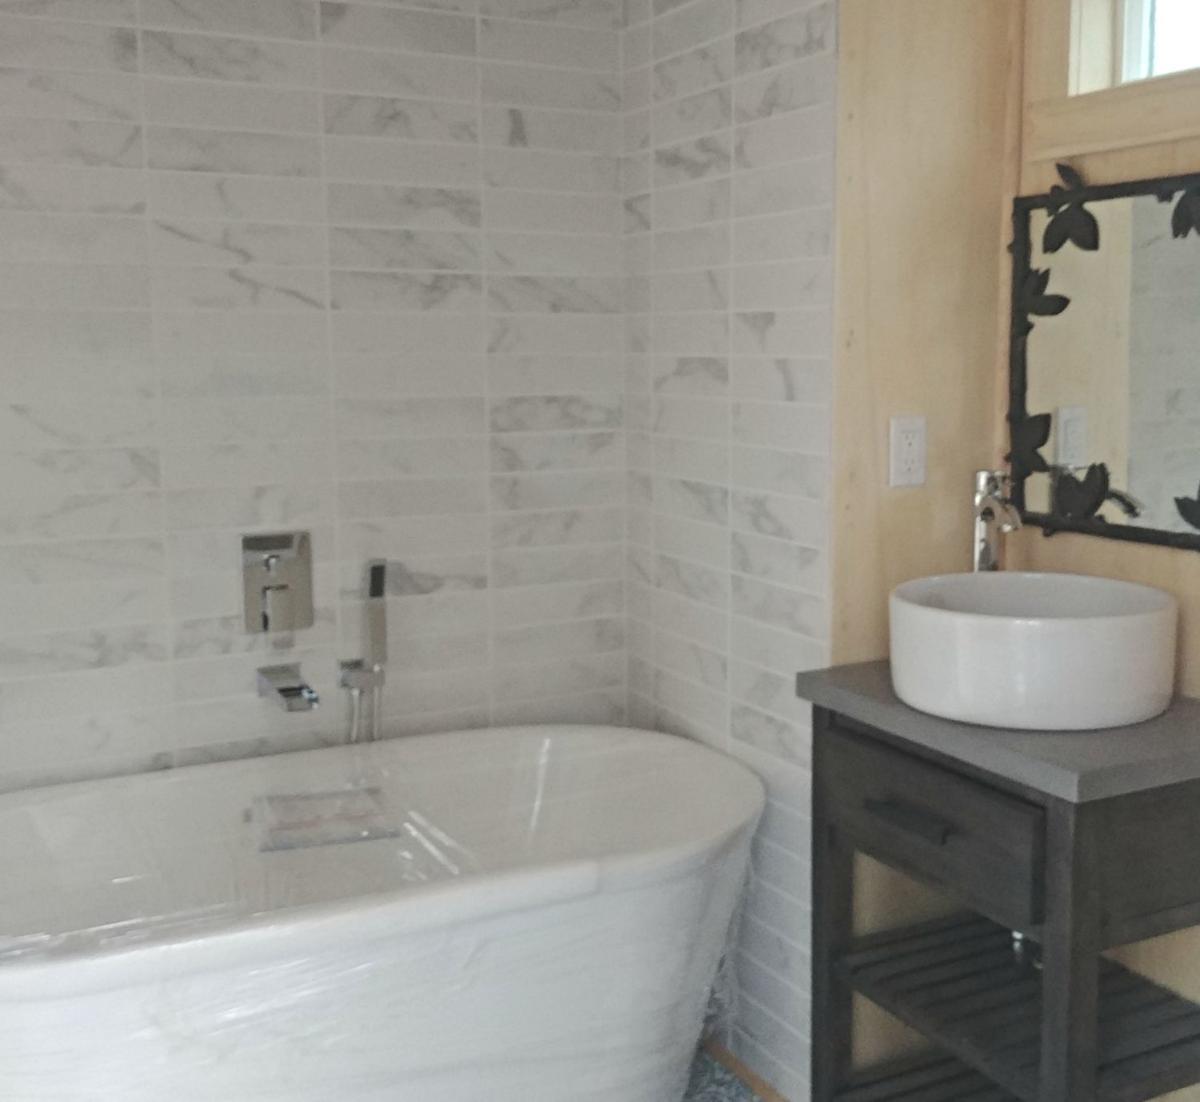 Bathroom of the tiny house